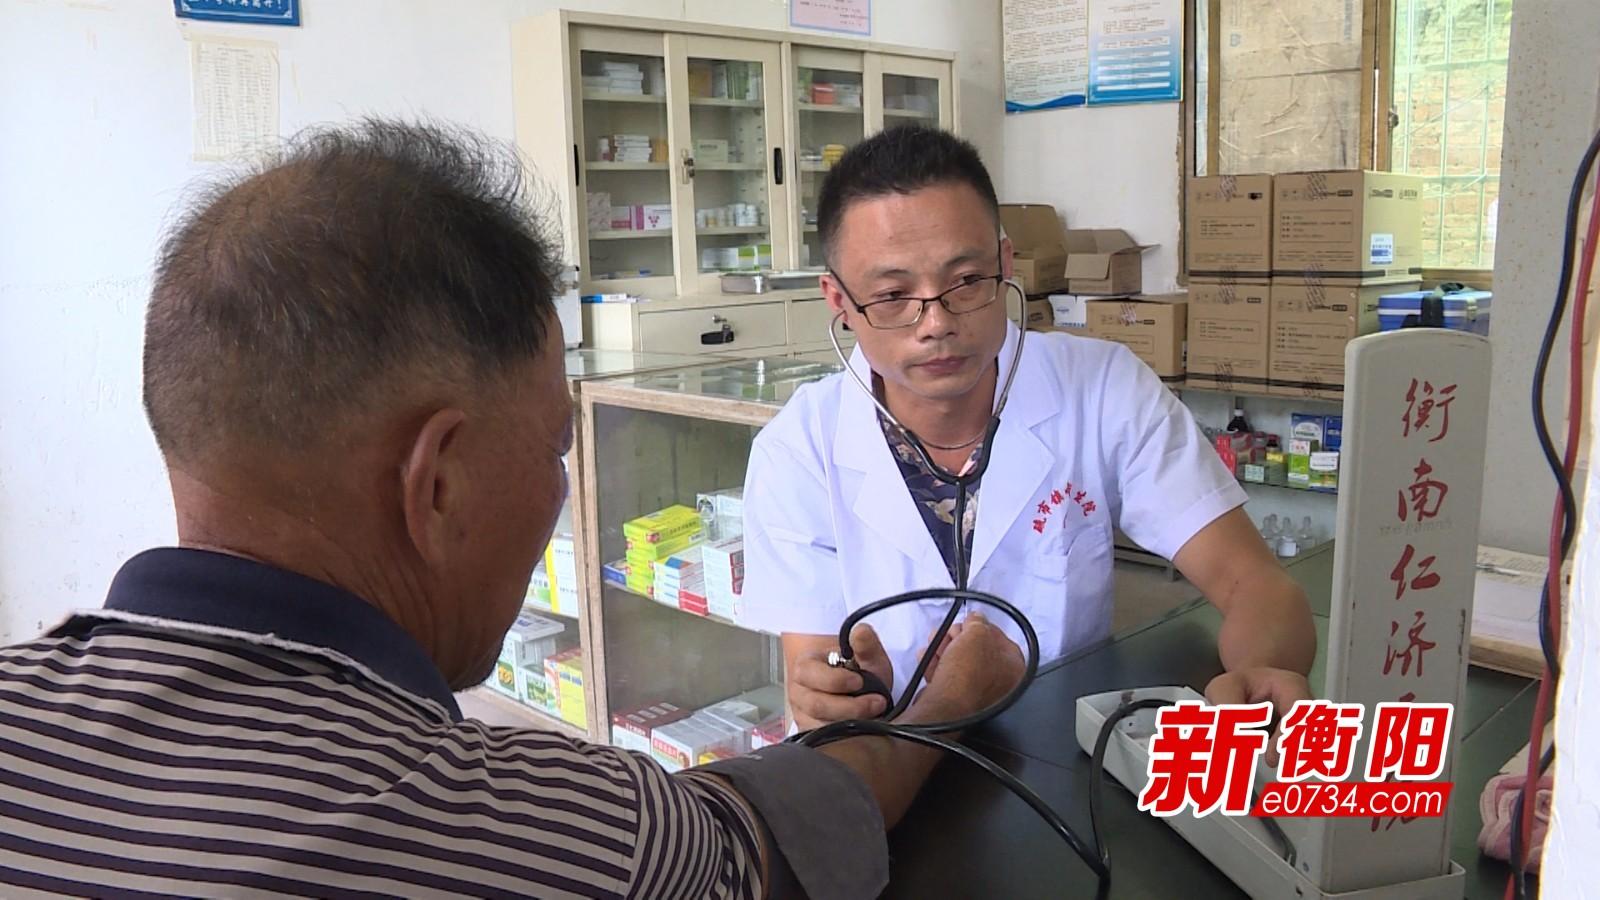 医者仁心!刘少军坚持16年上门为贫困患者导尿